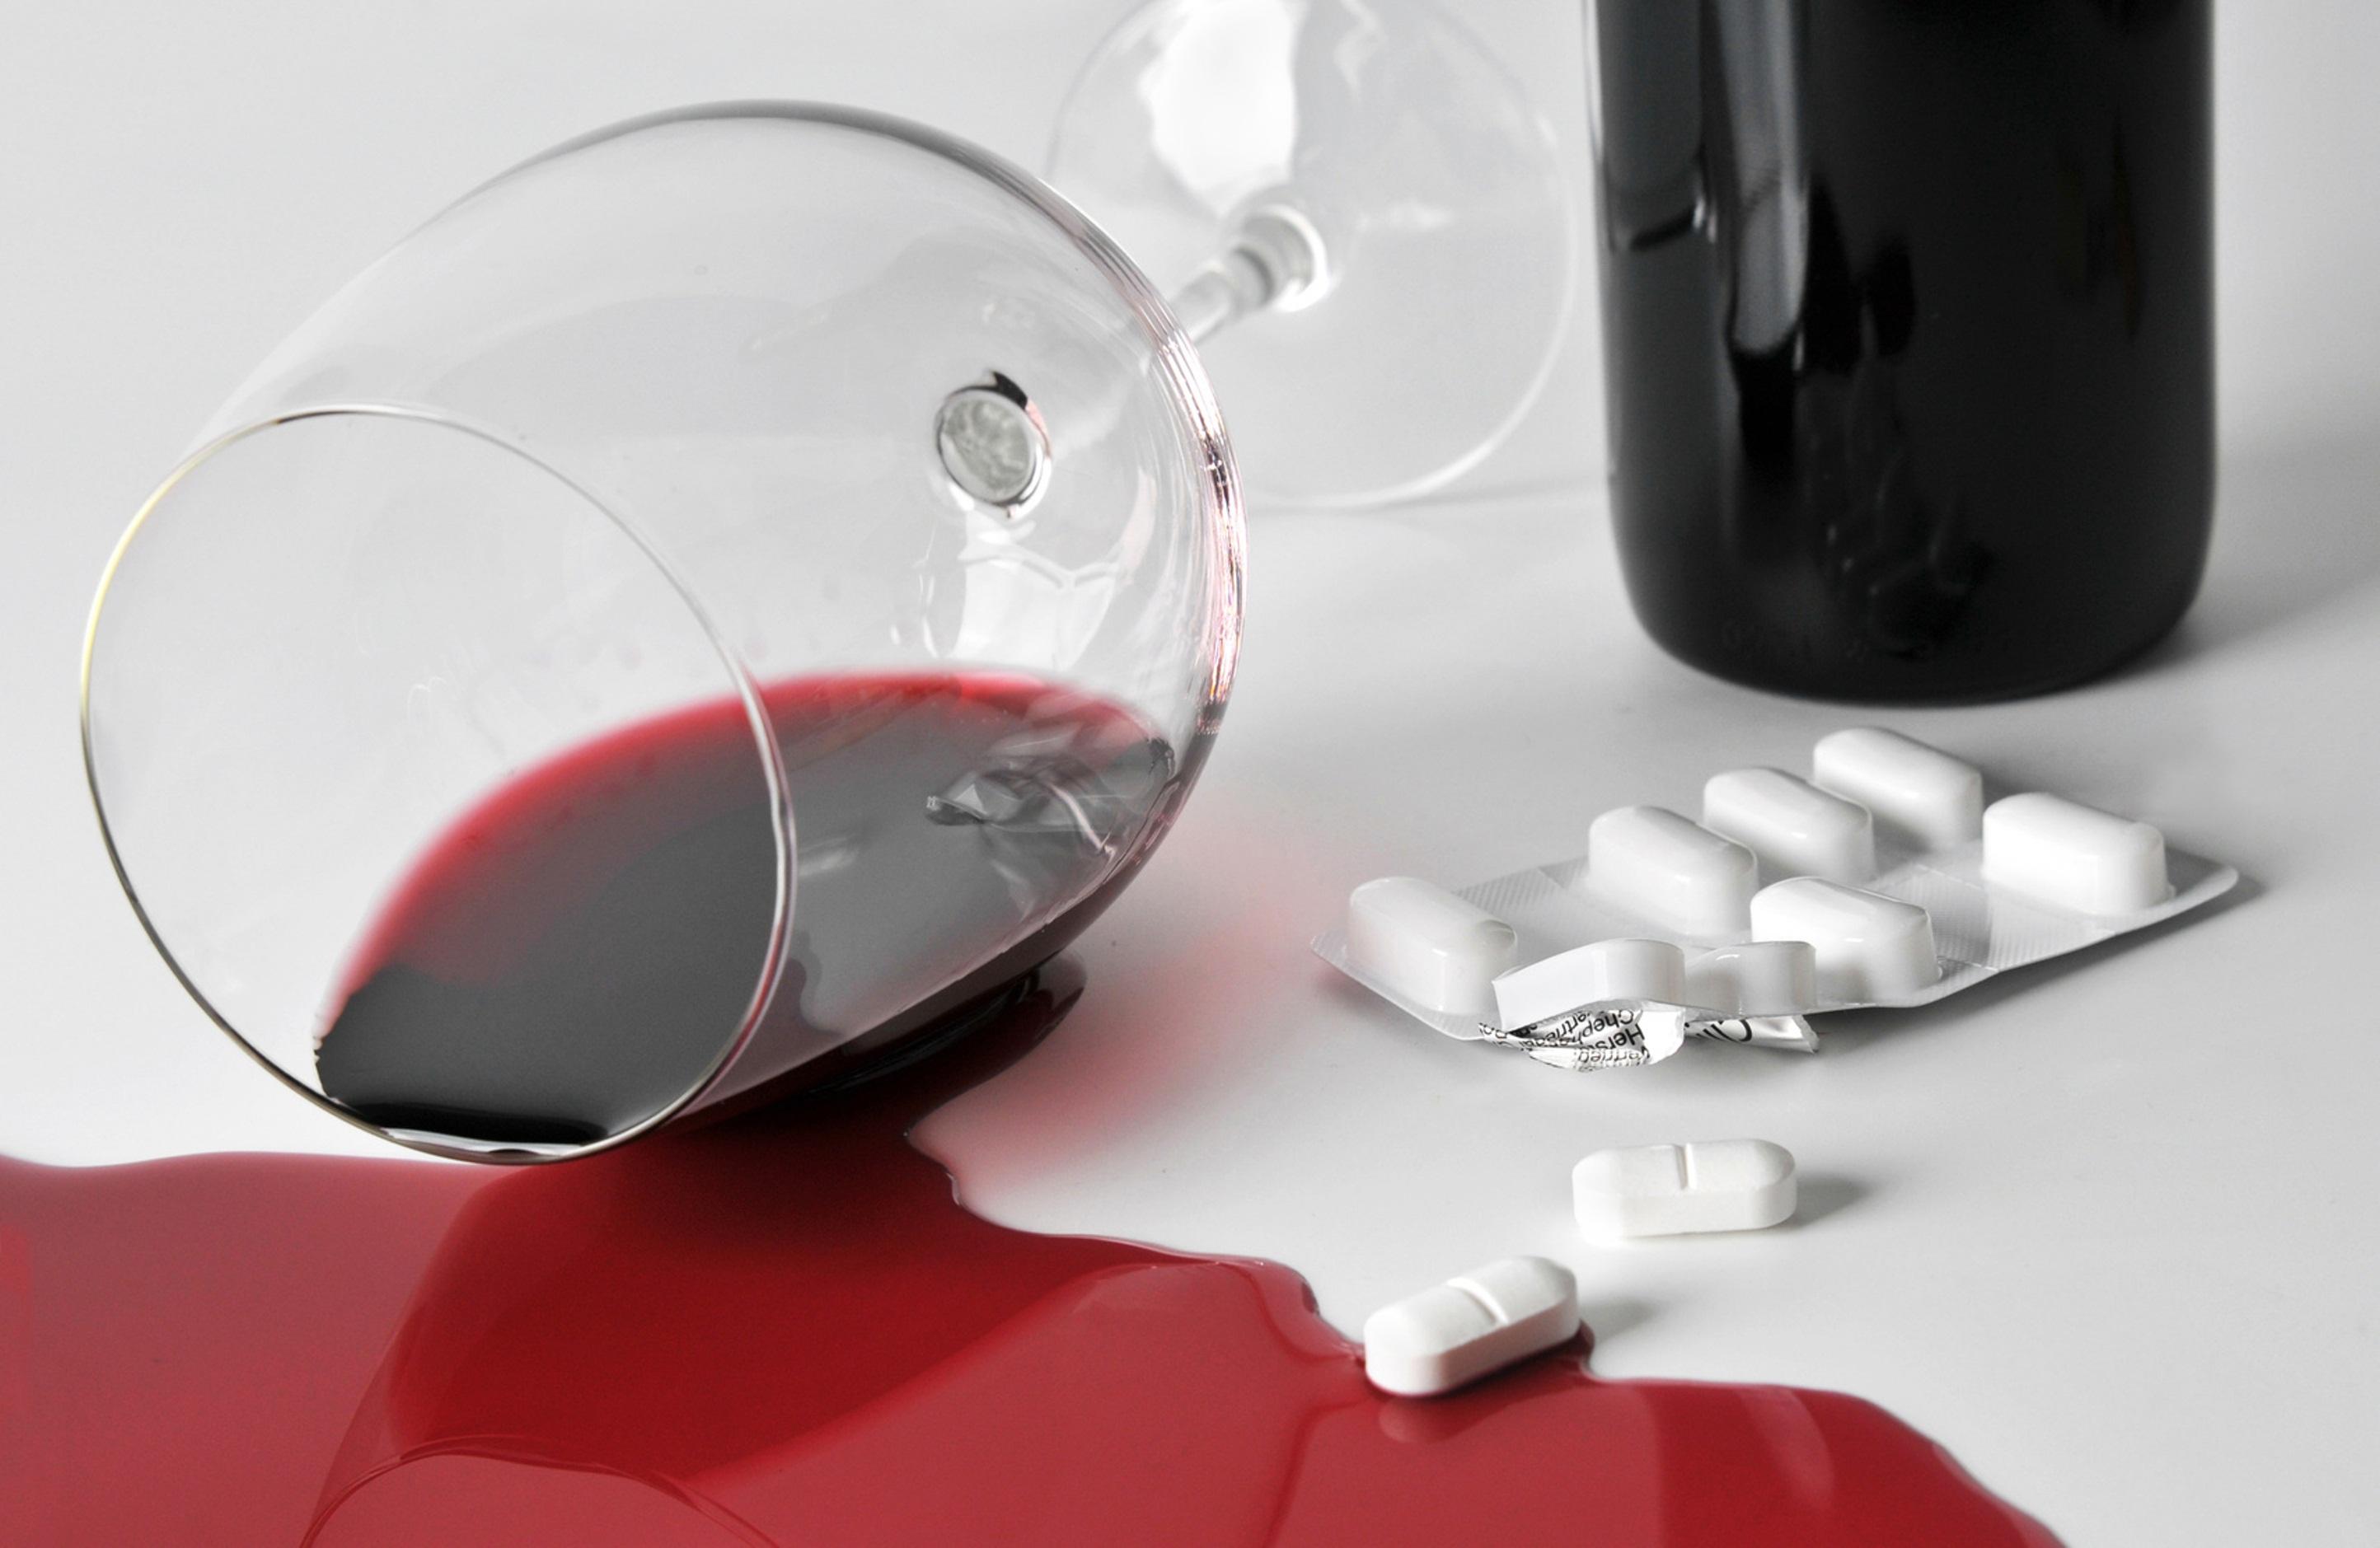 Таблетки от алкоголизма в Москве без ведома больного кодирование от алкоголизма медцентр вита